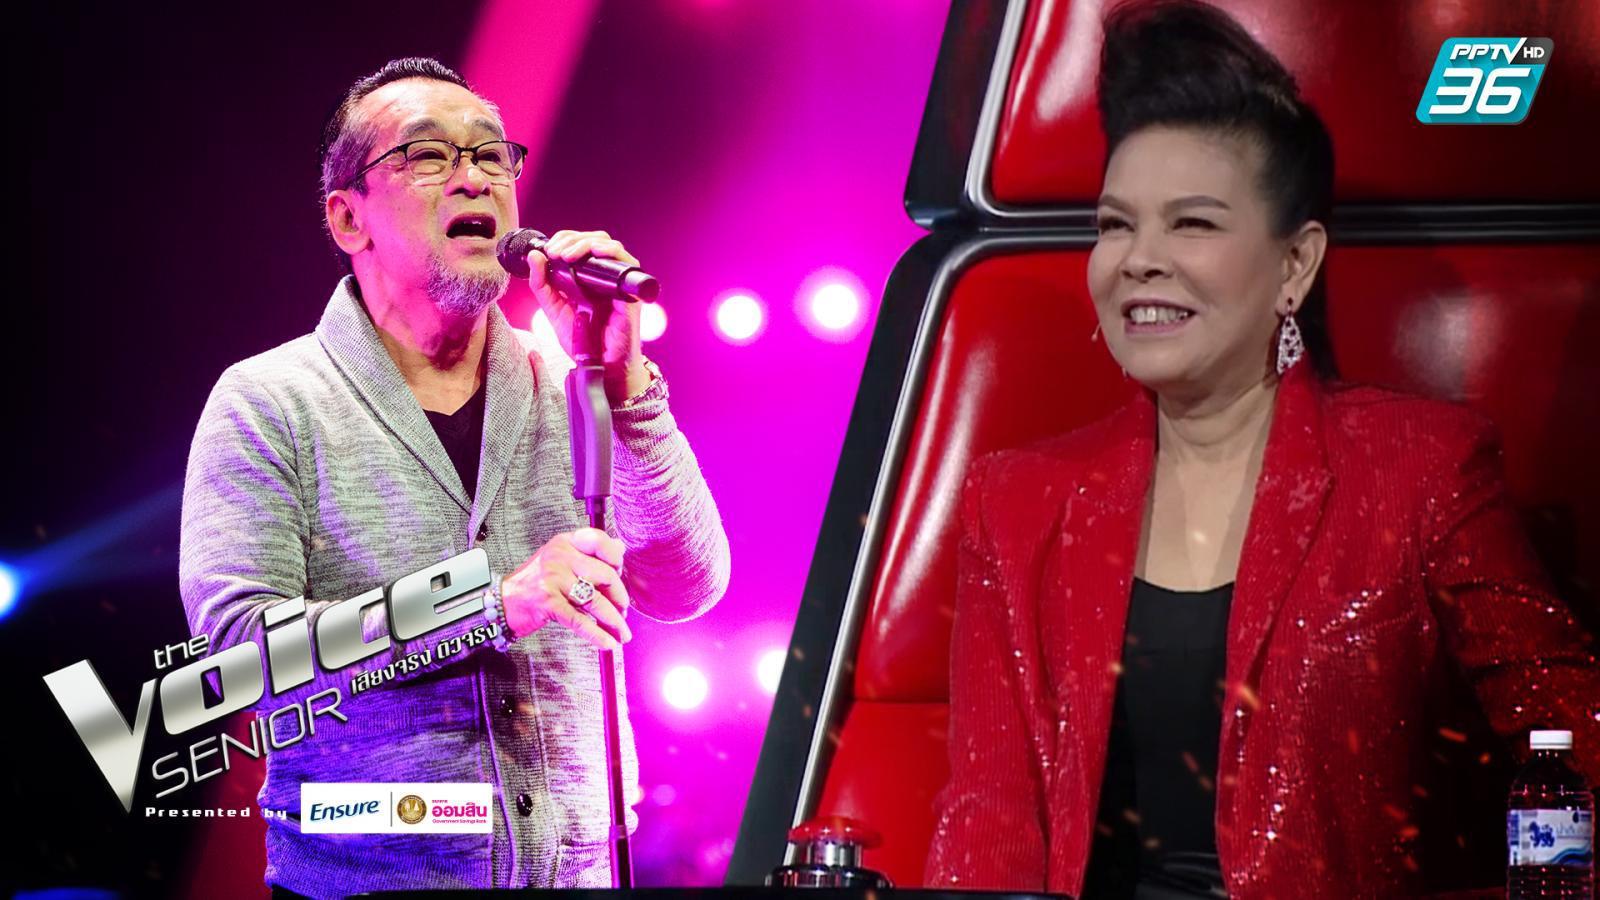 The Voice Senior Thailand 2020 EP.4 | ผู้เข้าแข่งขันลูกครึ่งฟิลิปปินส์ ที่ 4 โค้ชรุมแย่งตัว!